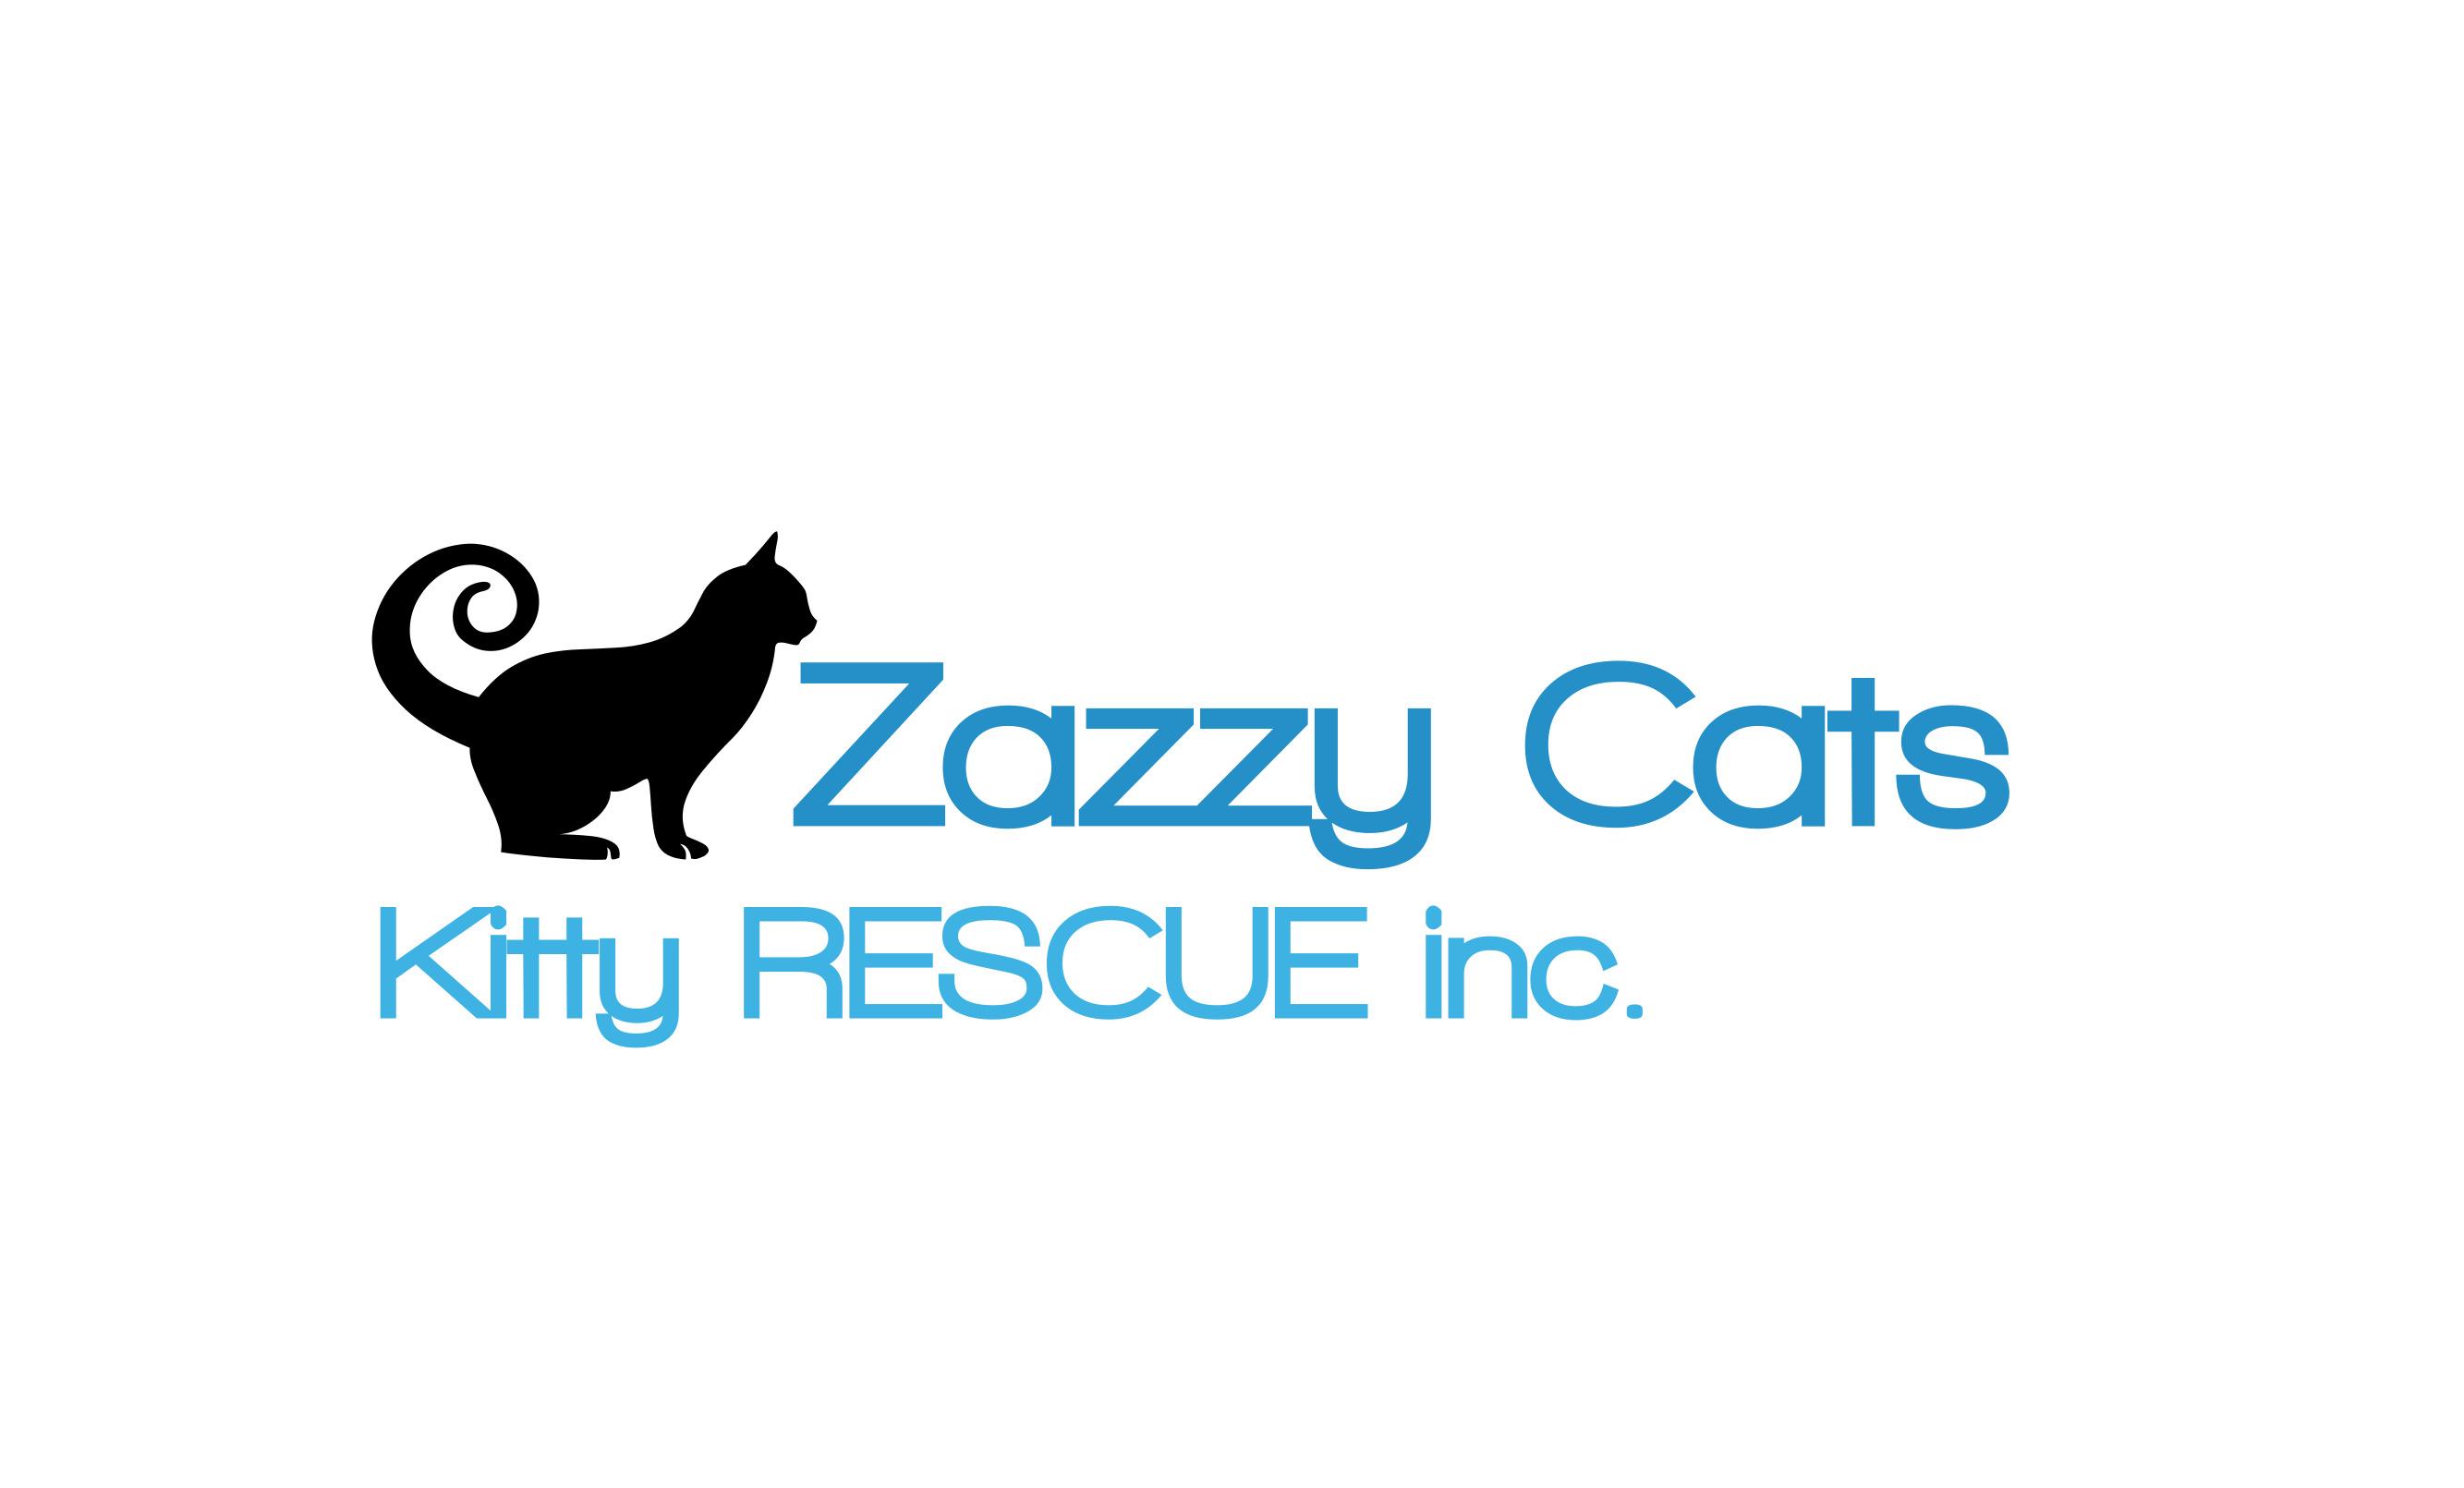 Zazzy Cats Kitty Rescue